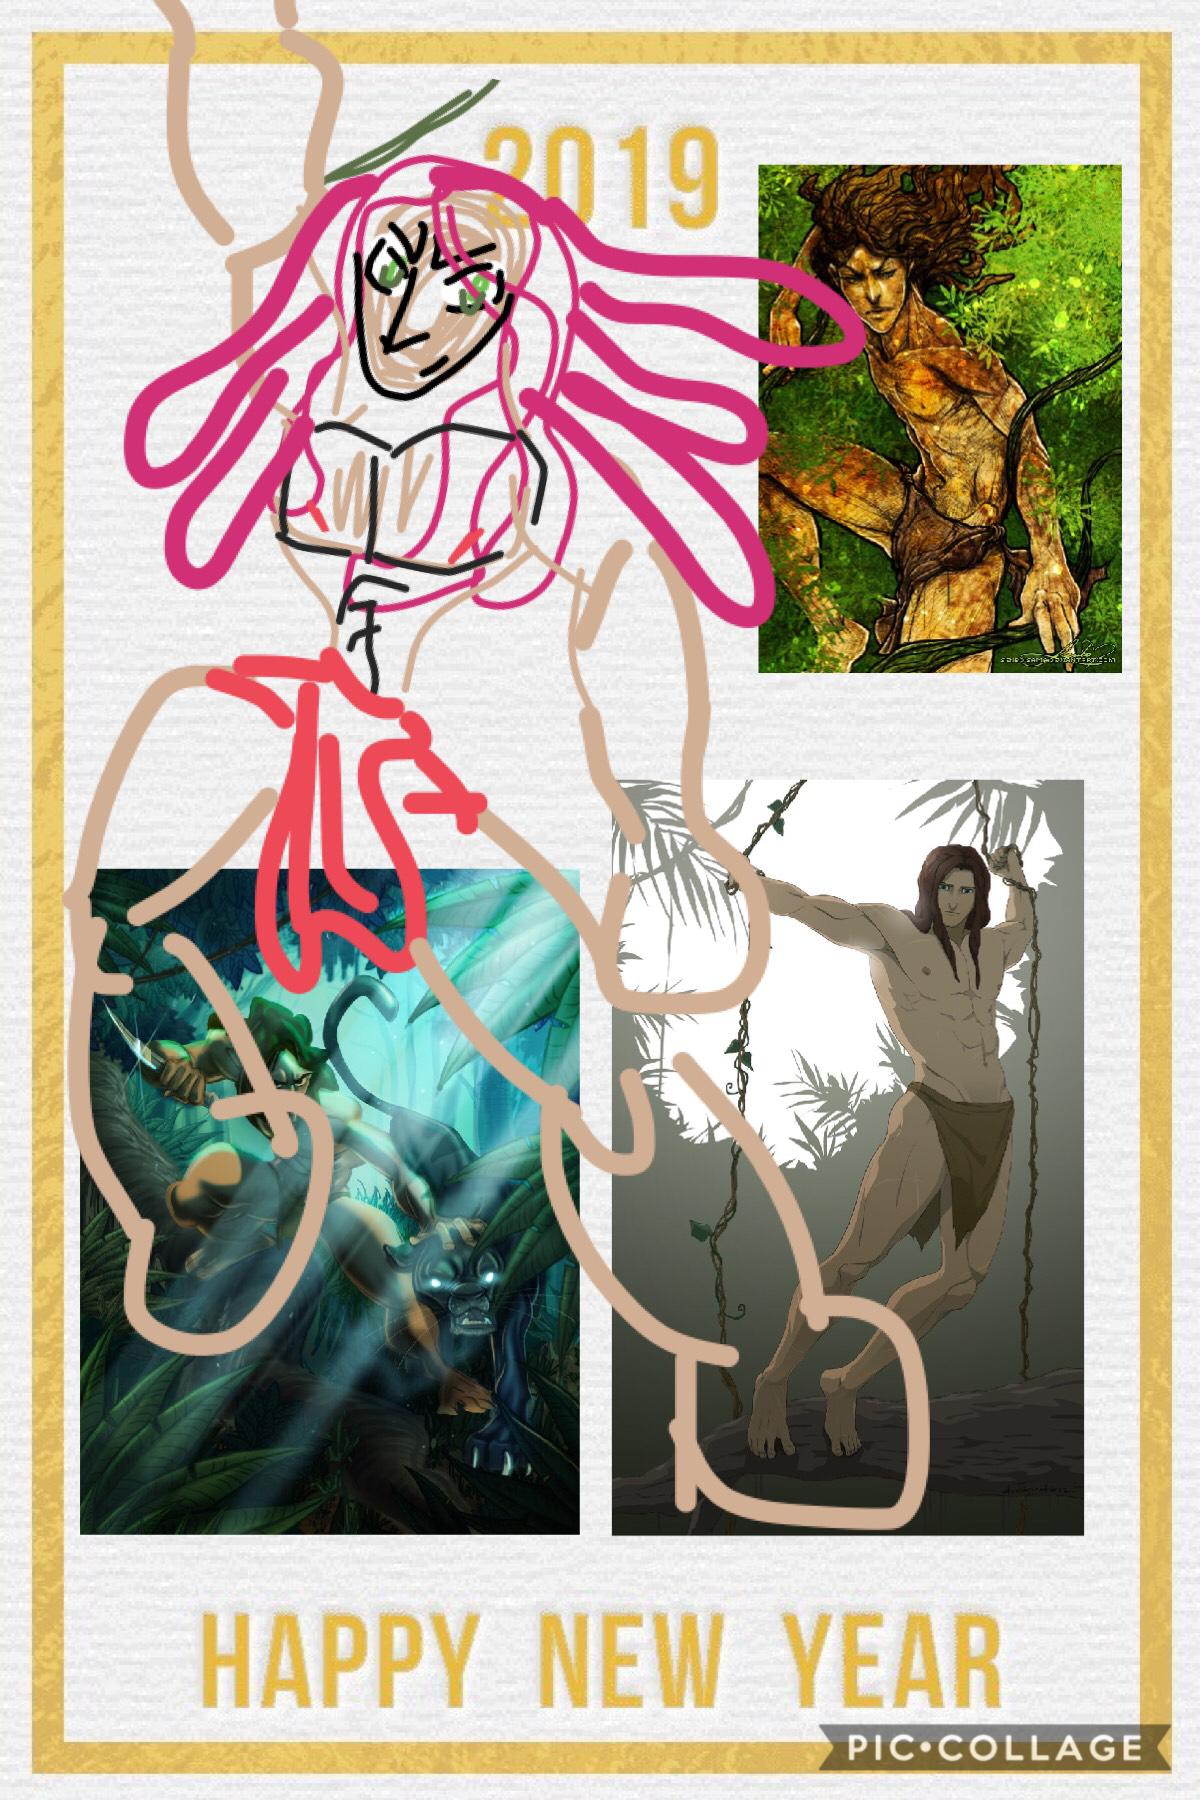 Disney's Tarzan: happy new year!